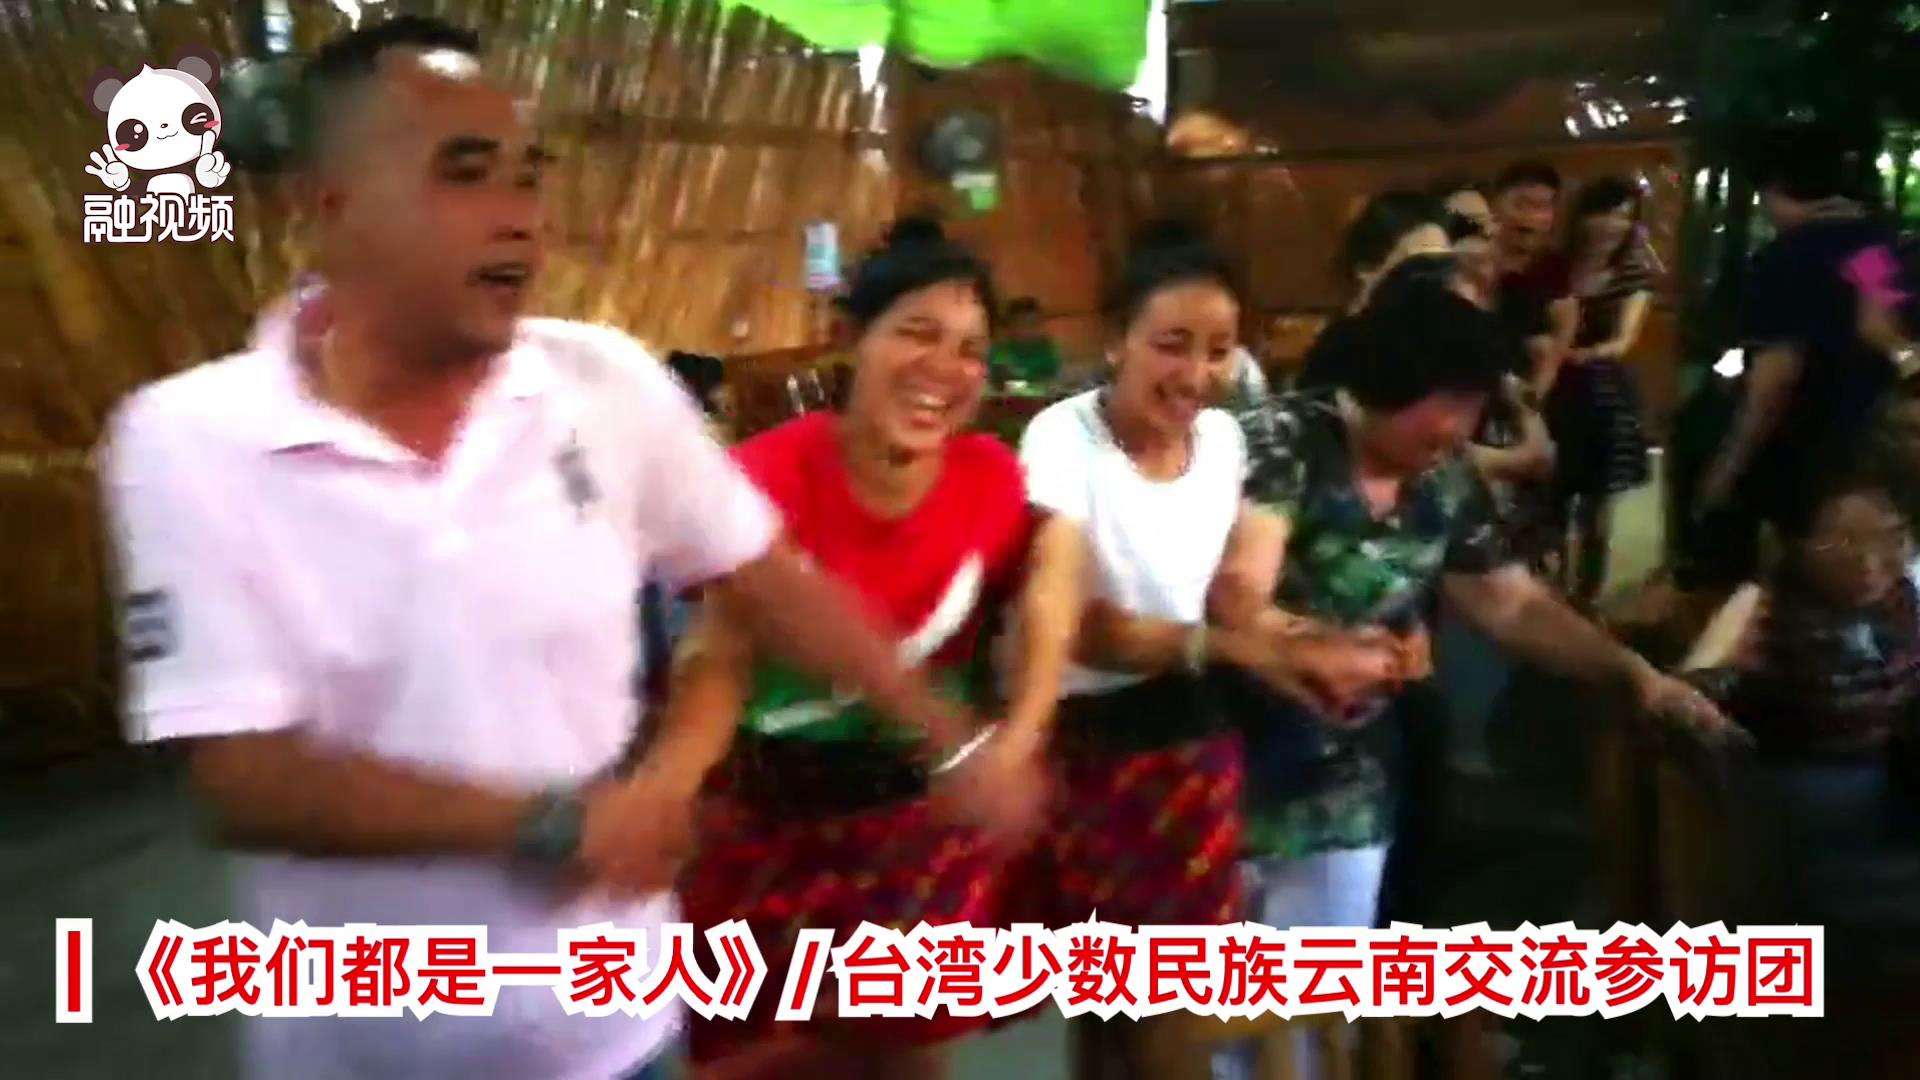 台湾少数民族云南交流参访团共唱《我们都是一家人》图片